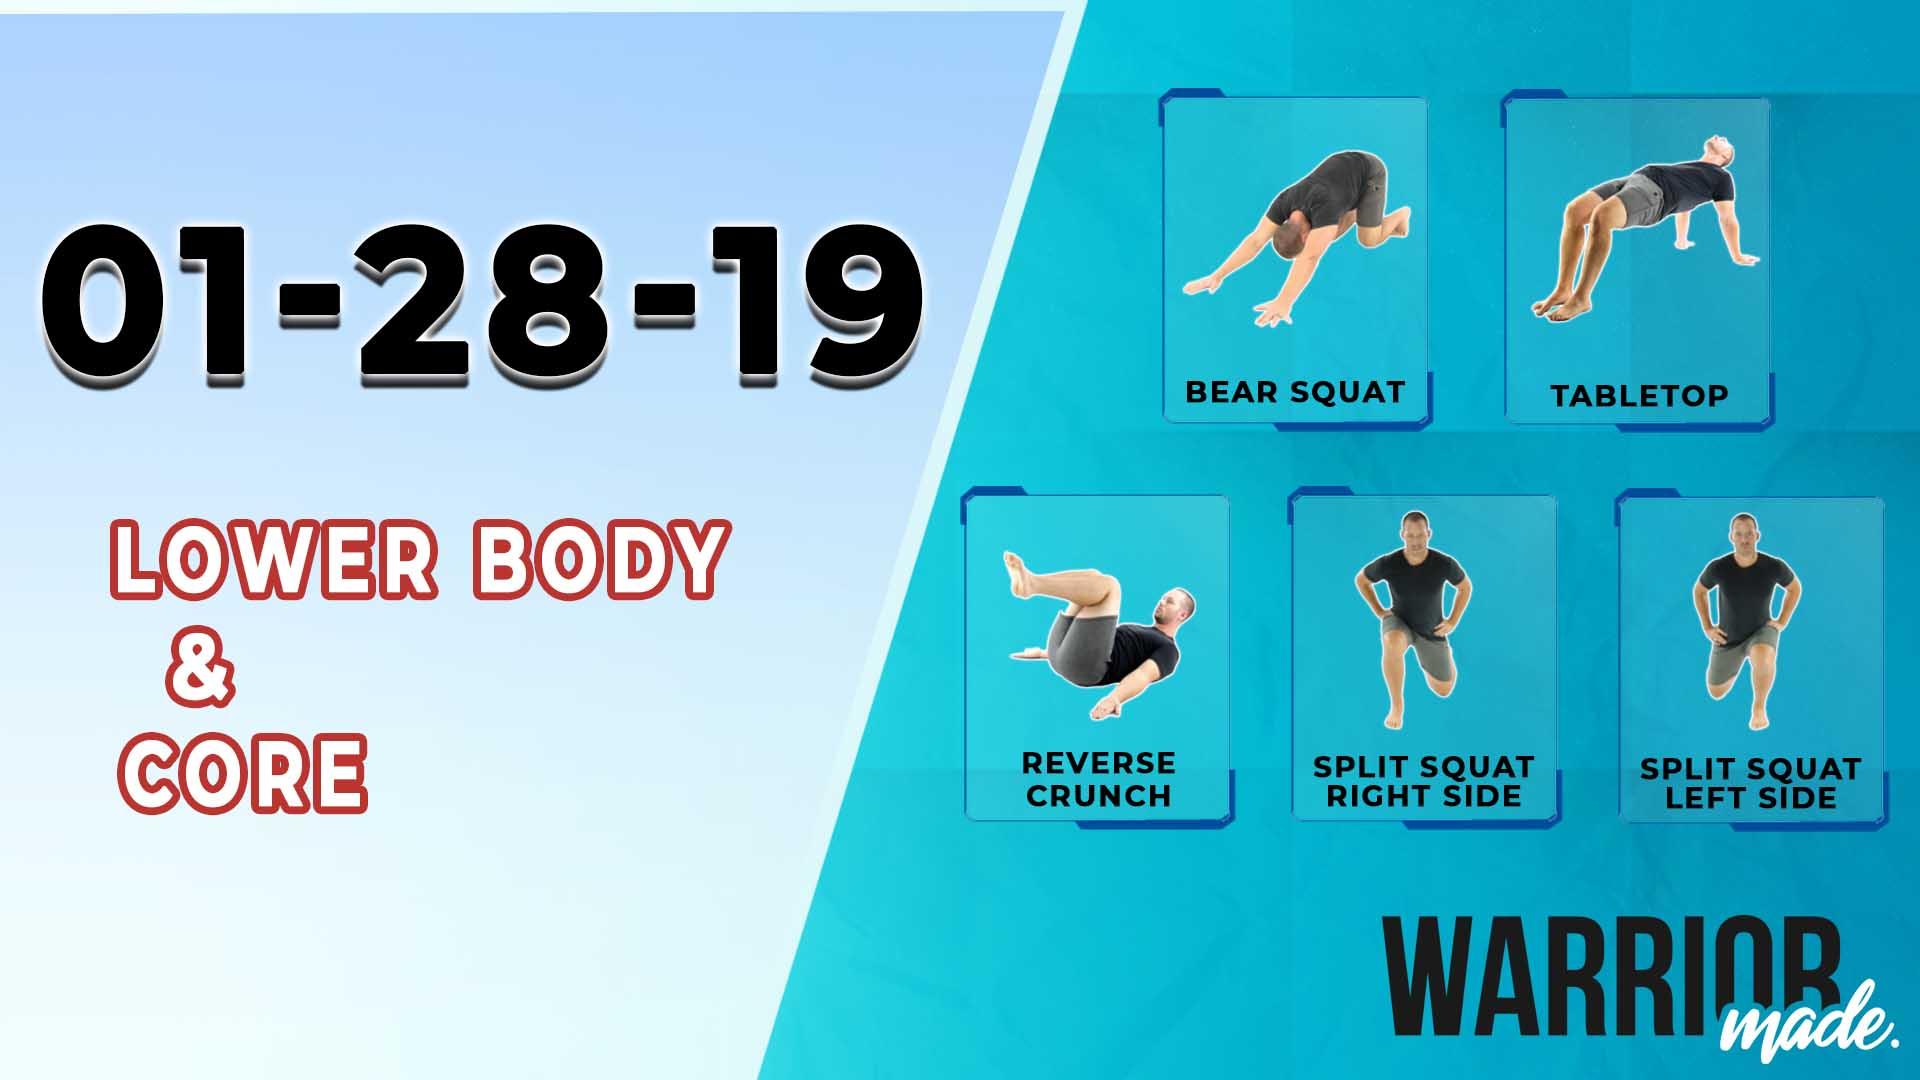 workouts-01-28-19